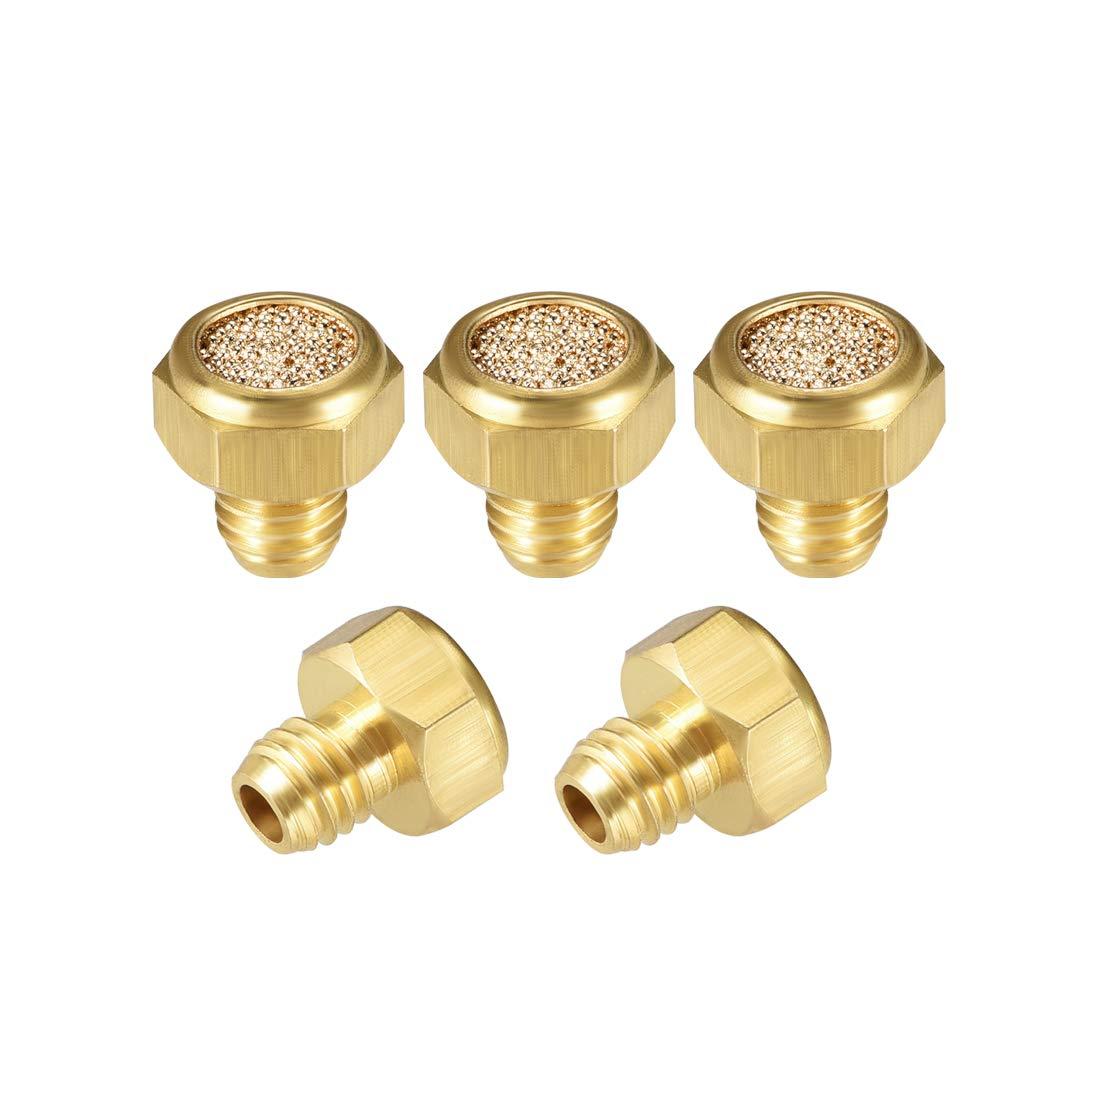 uxcell Sintered Bronze Exhaust Muffler M5 Brass Body Flat Pneumatic Air Muffler Air Flow Speed Controller Brass Flow Control Muffler 5pcs